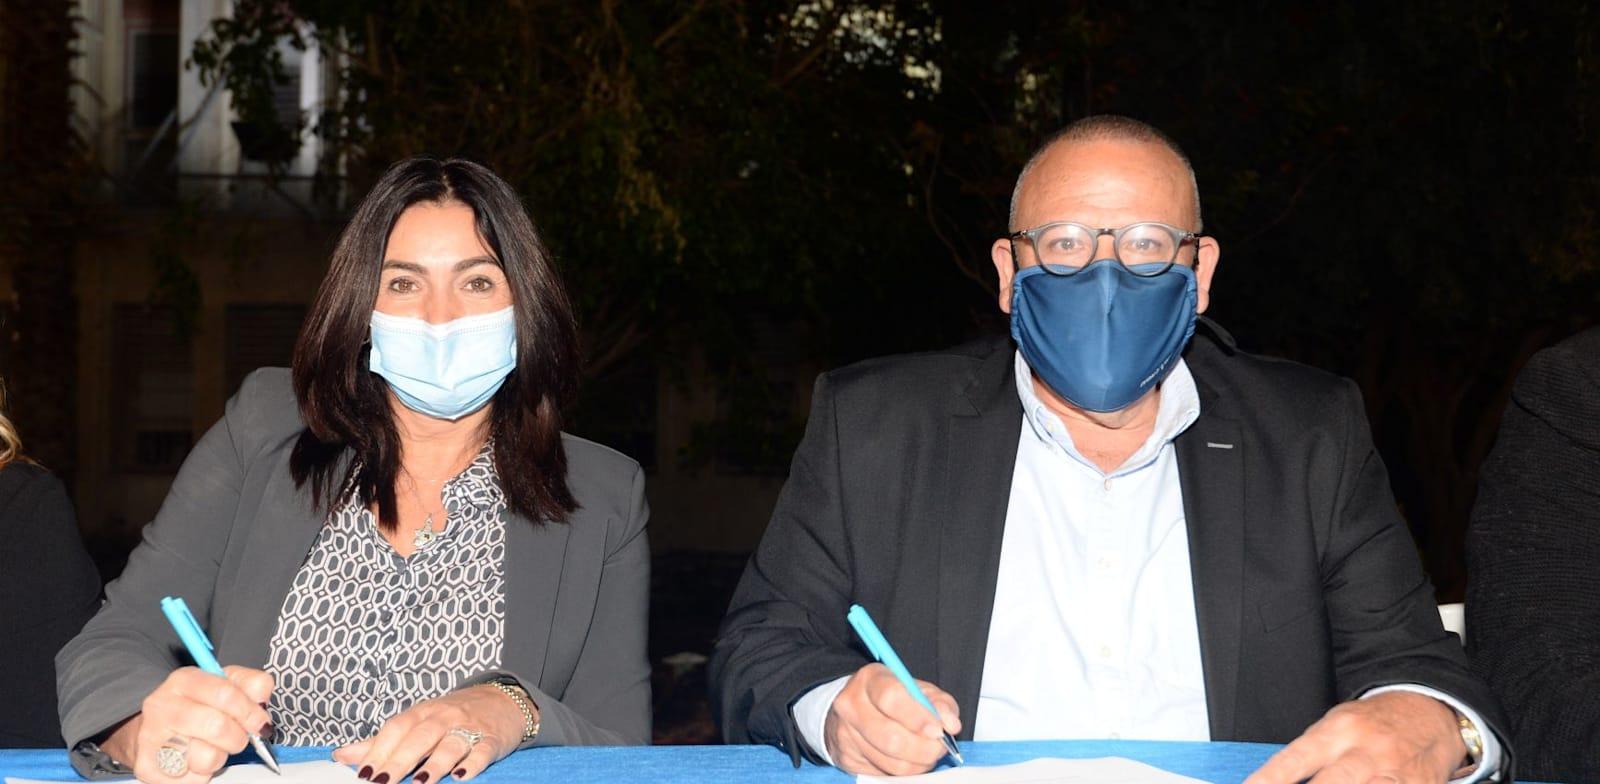 טקס חתימת הסכם / צילום: אגף הדוברות בהסתדרות